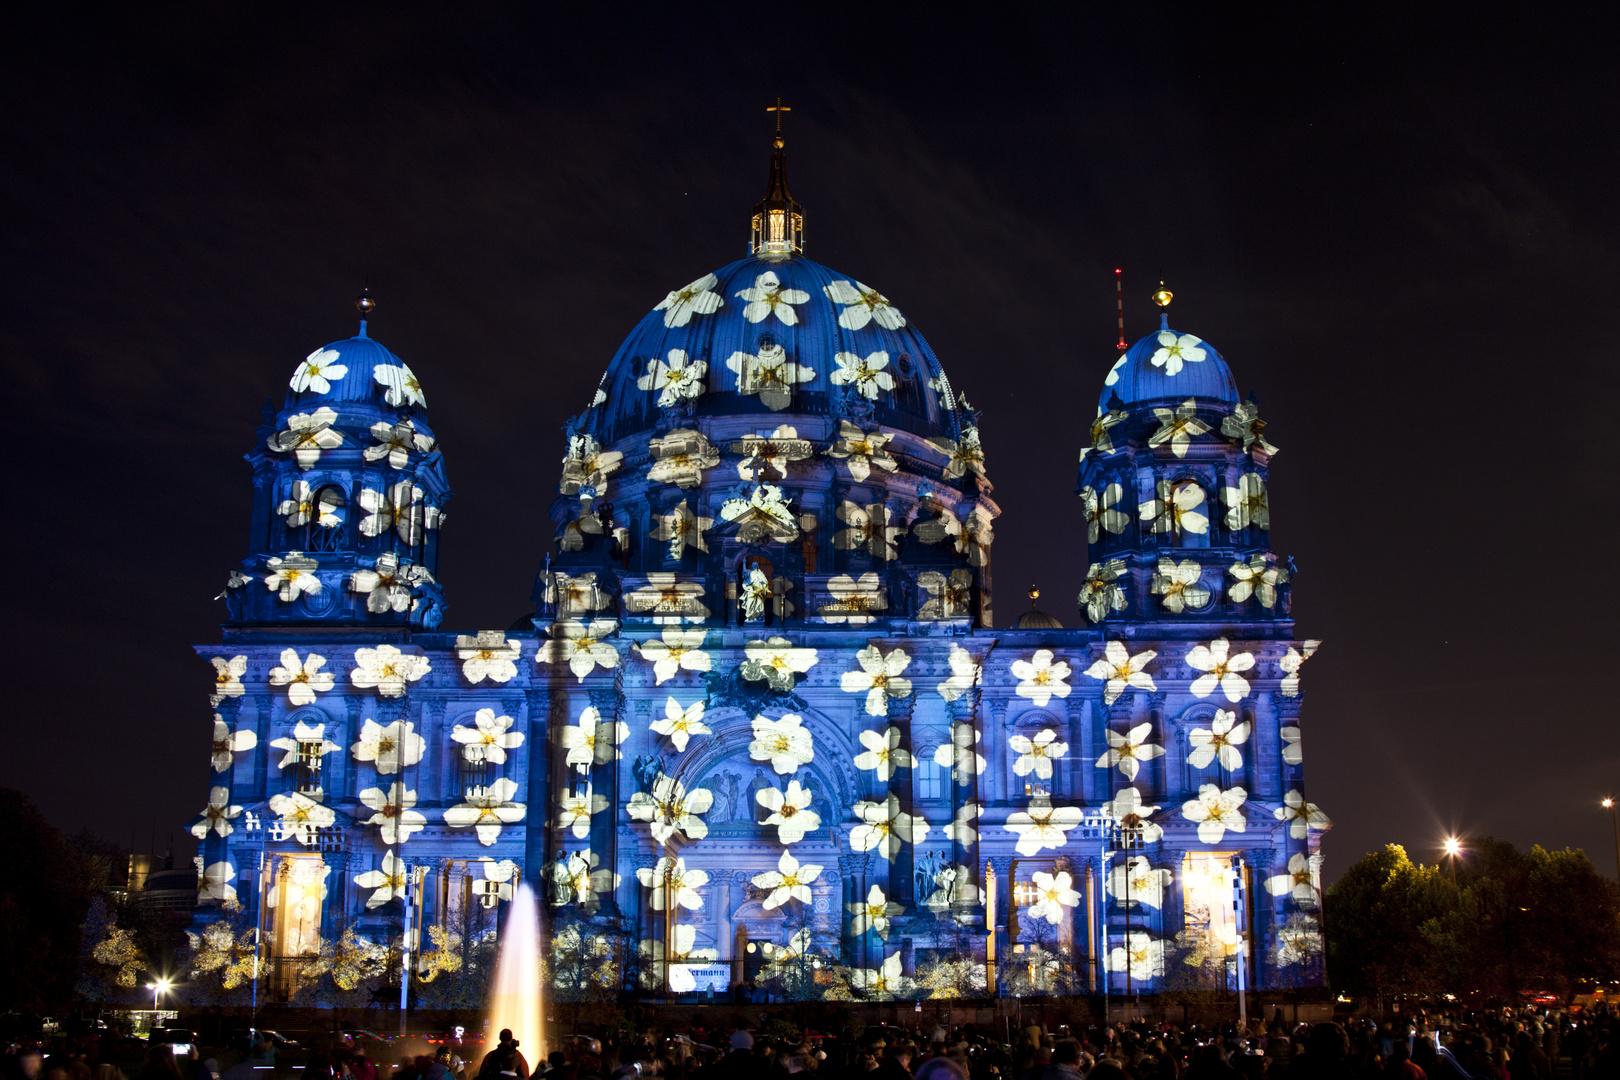 Festival of Lights 2013 (4)